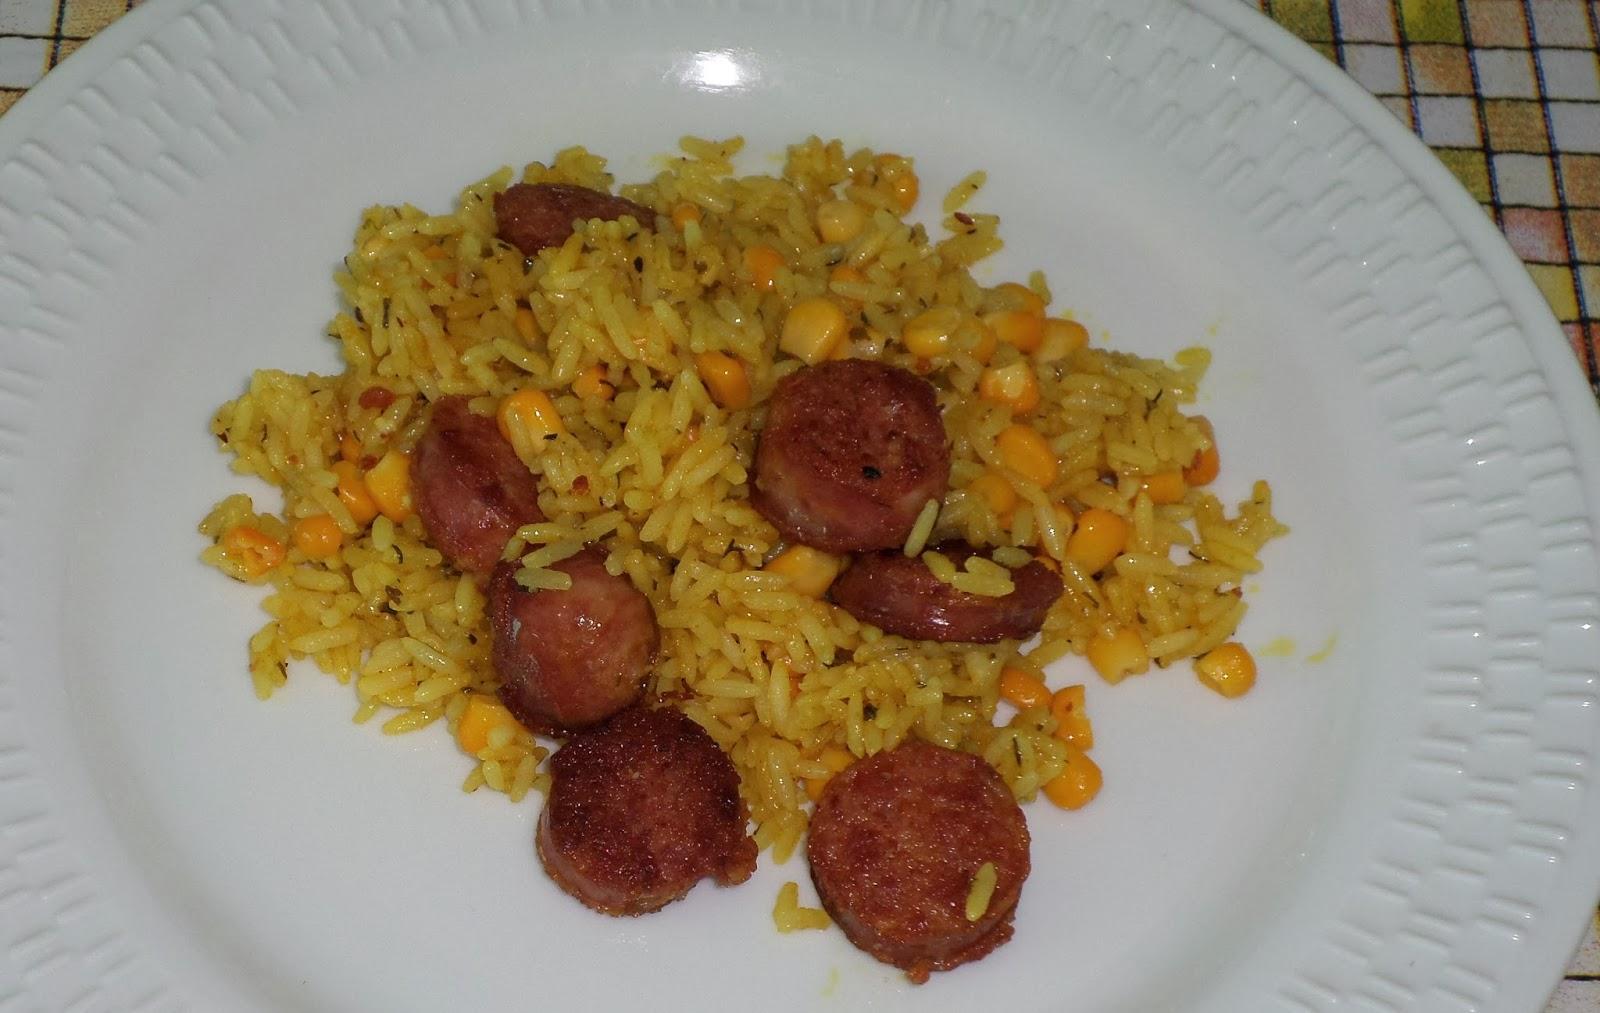 receita de arroz frito com colorau, cúrcuma, pimenta, calabresa e milho